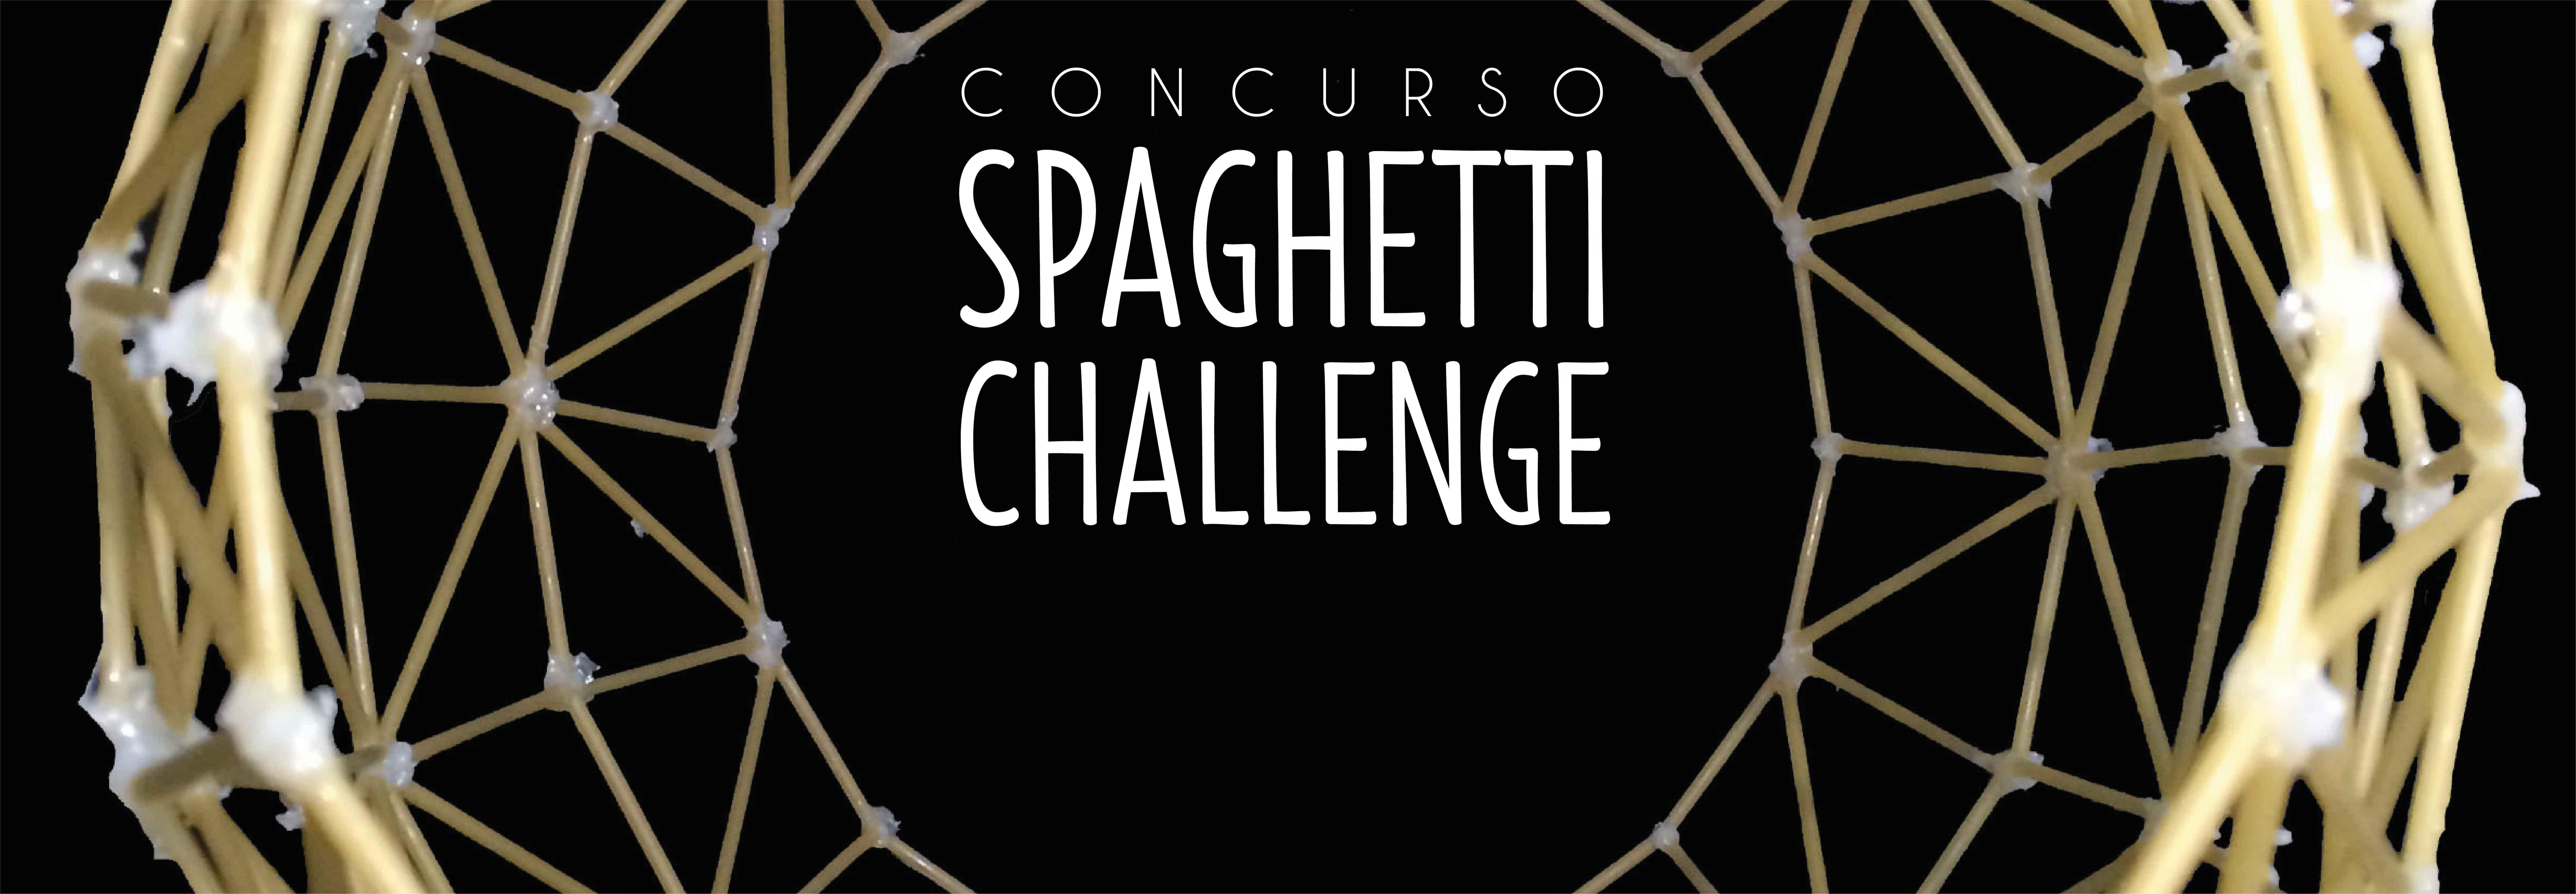 Spaghetti Challenge - Facultad de Arquitectura